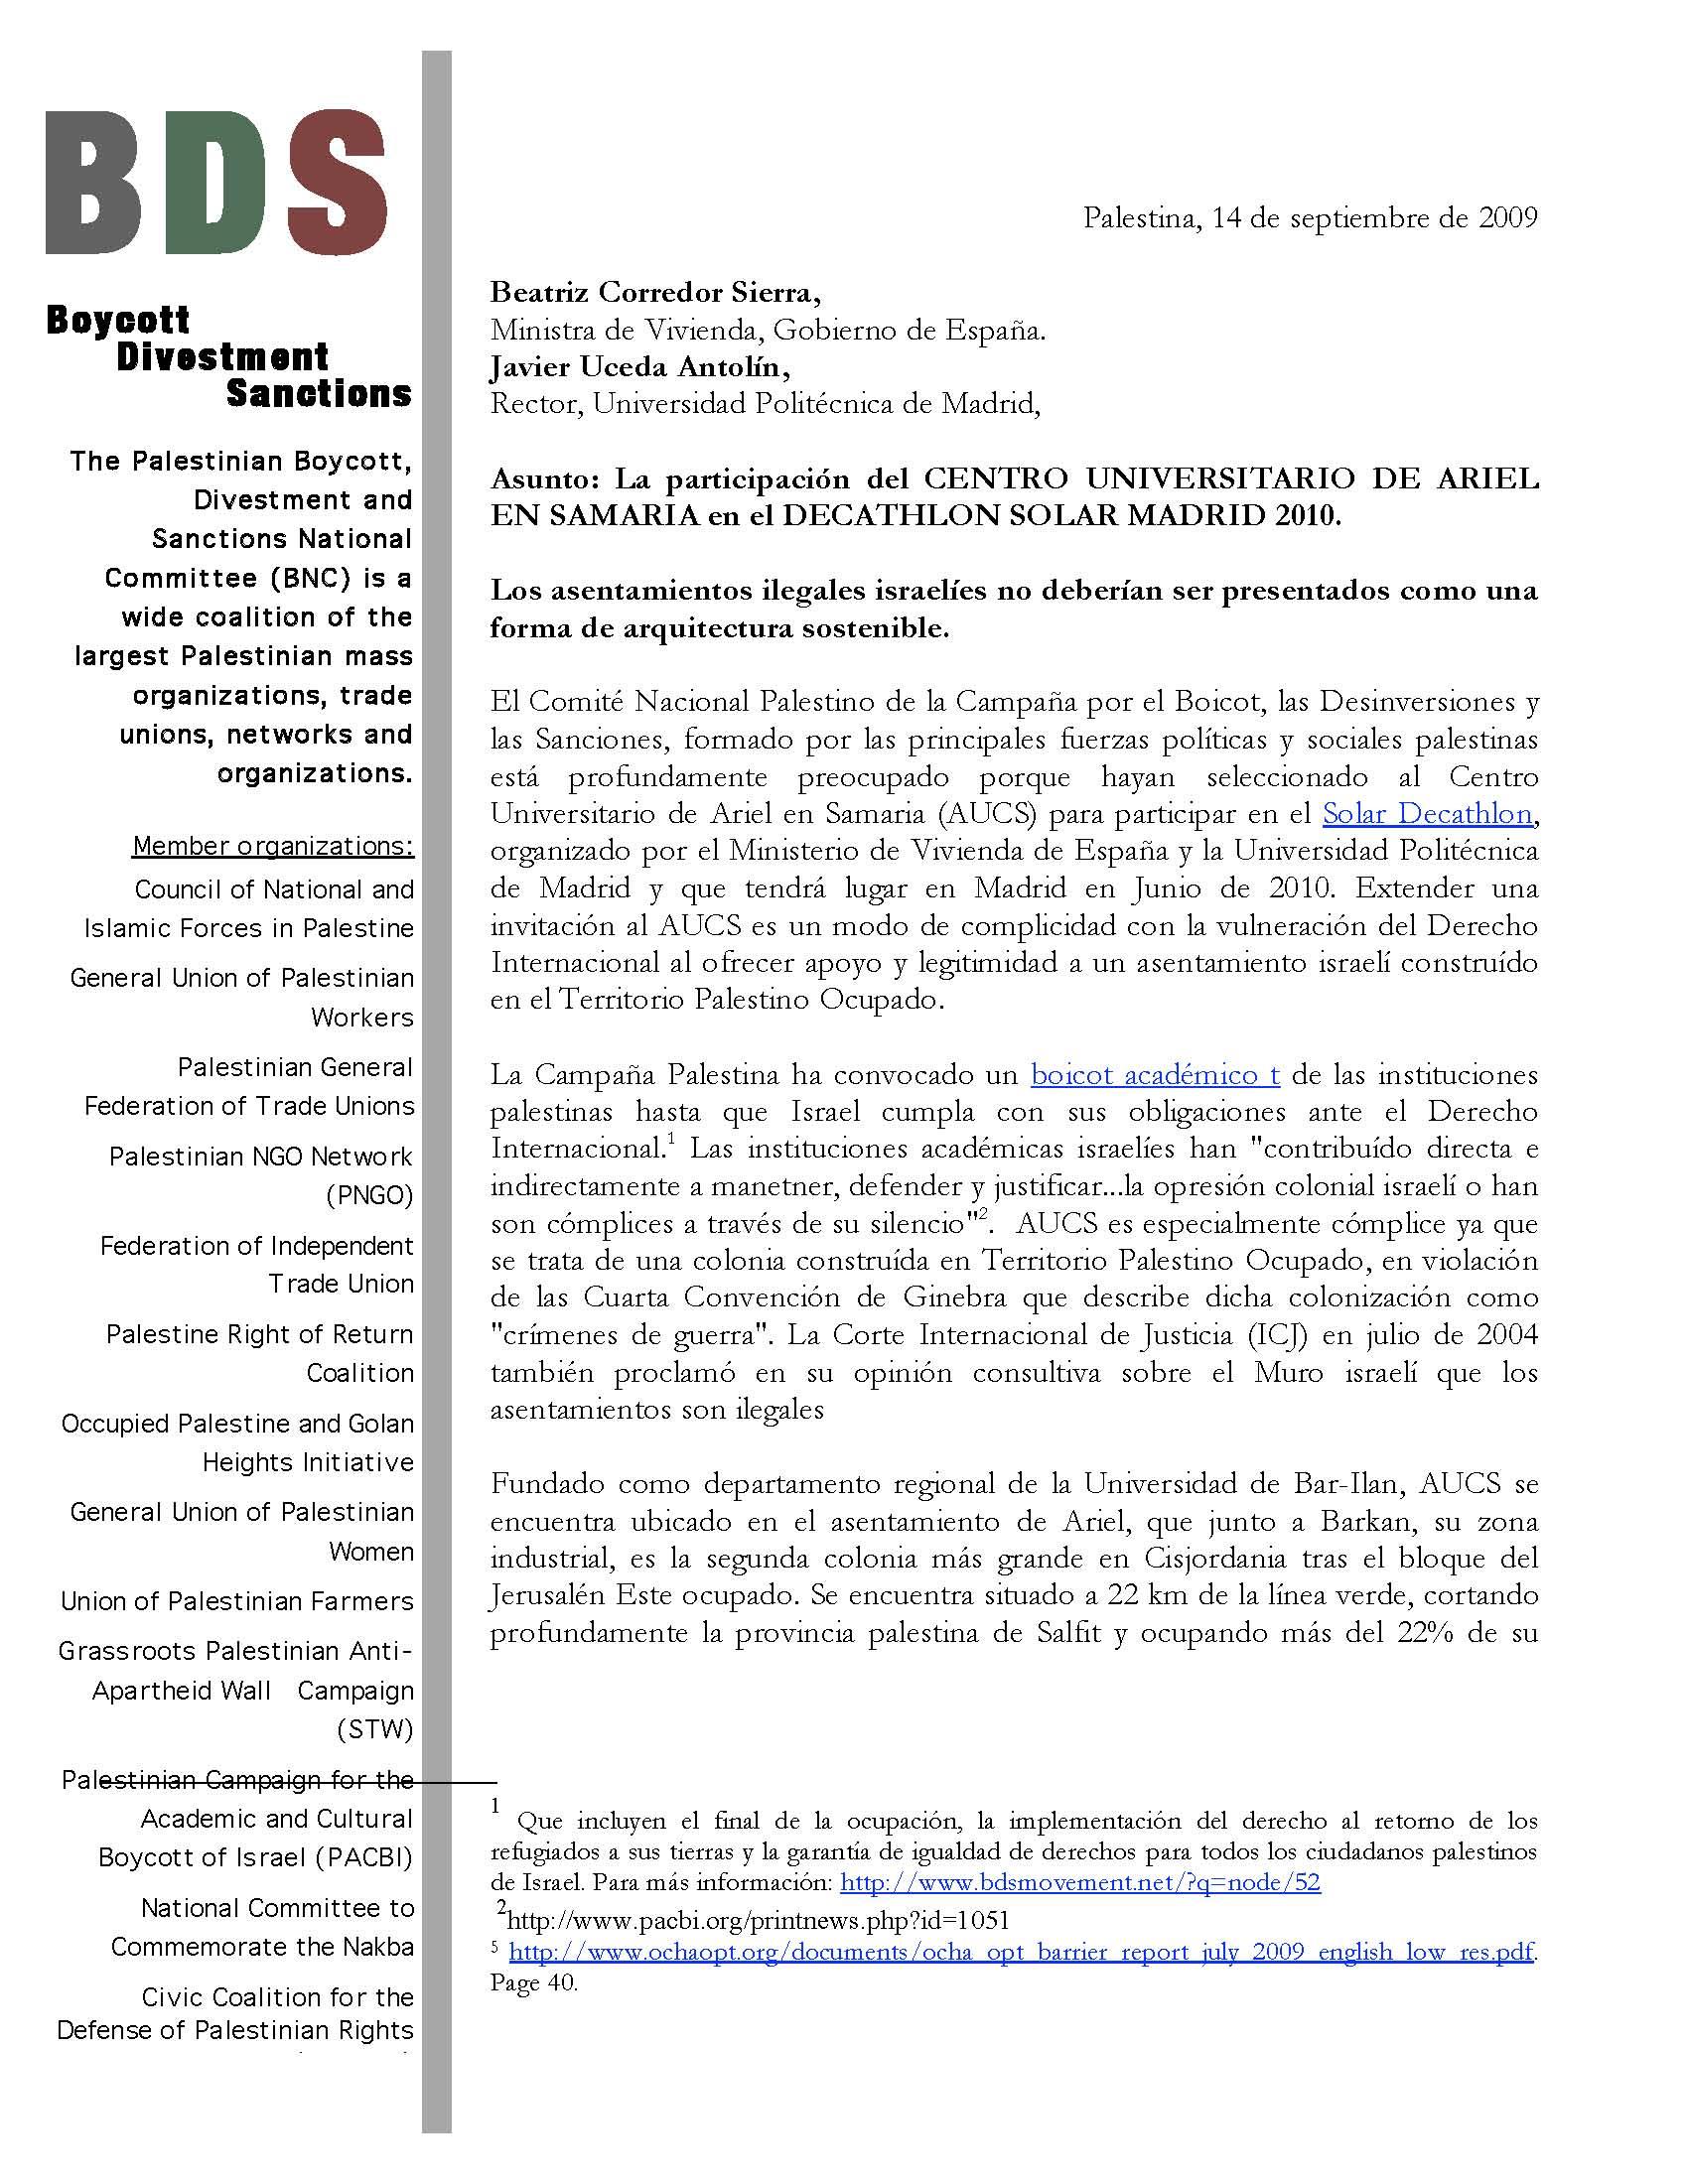 CARTA RESPECTO AL ASENTAMIENTO DE ARIEL_Page_1